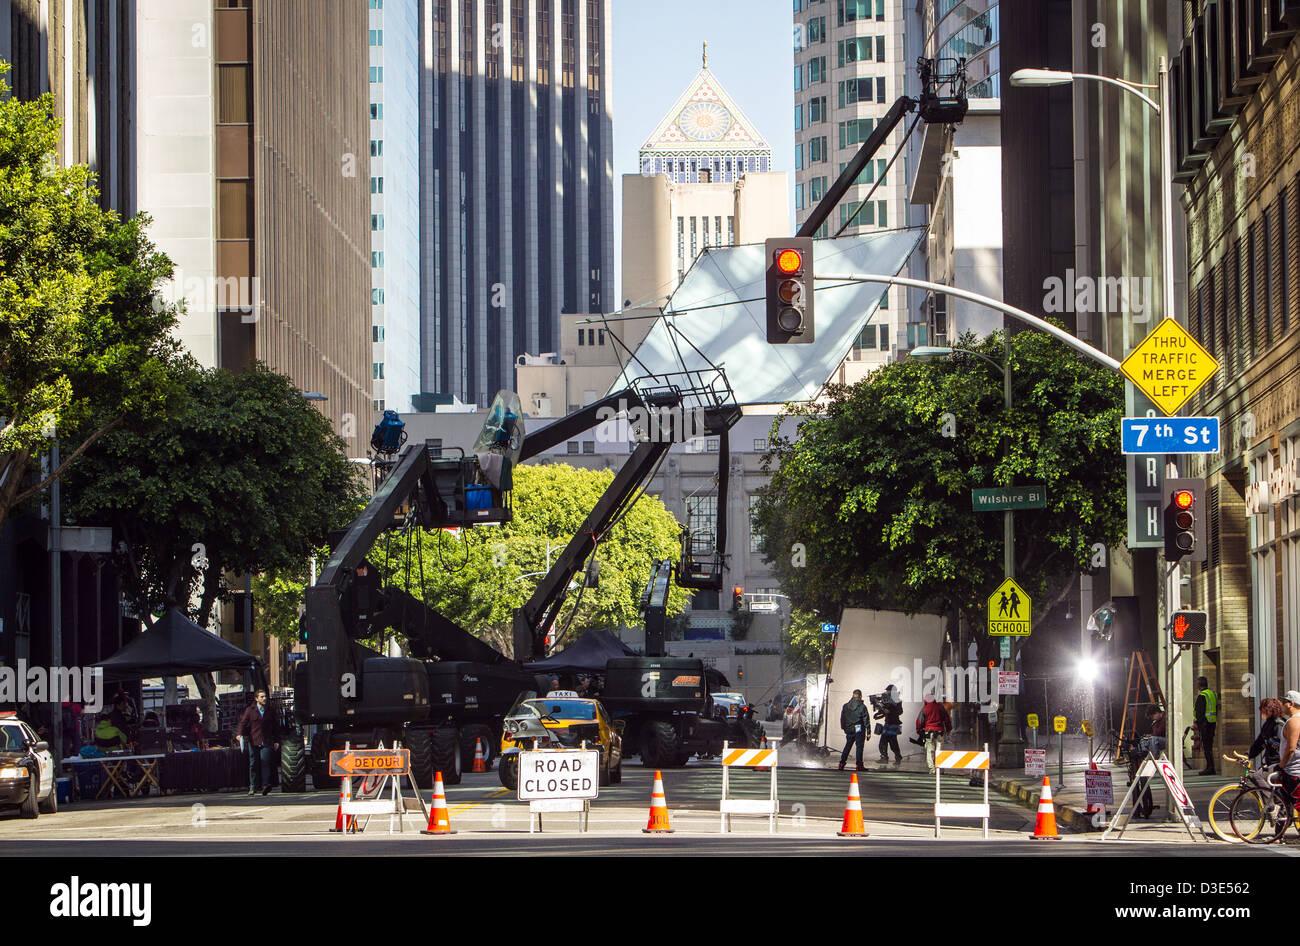 Ein TV-Spot Dreh vor Ort in der Innenstadt von Los Angeles. Stockbild